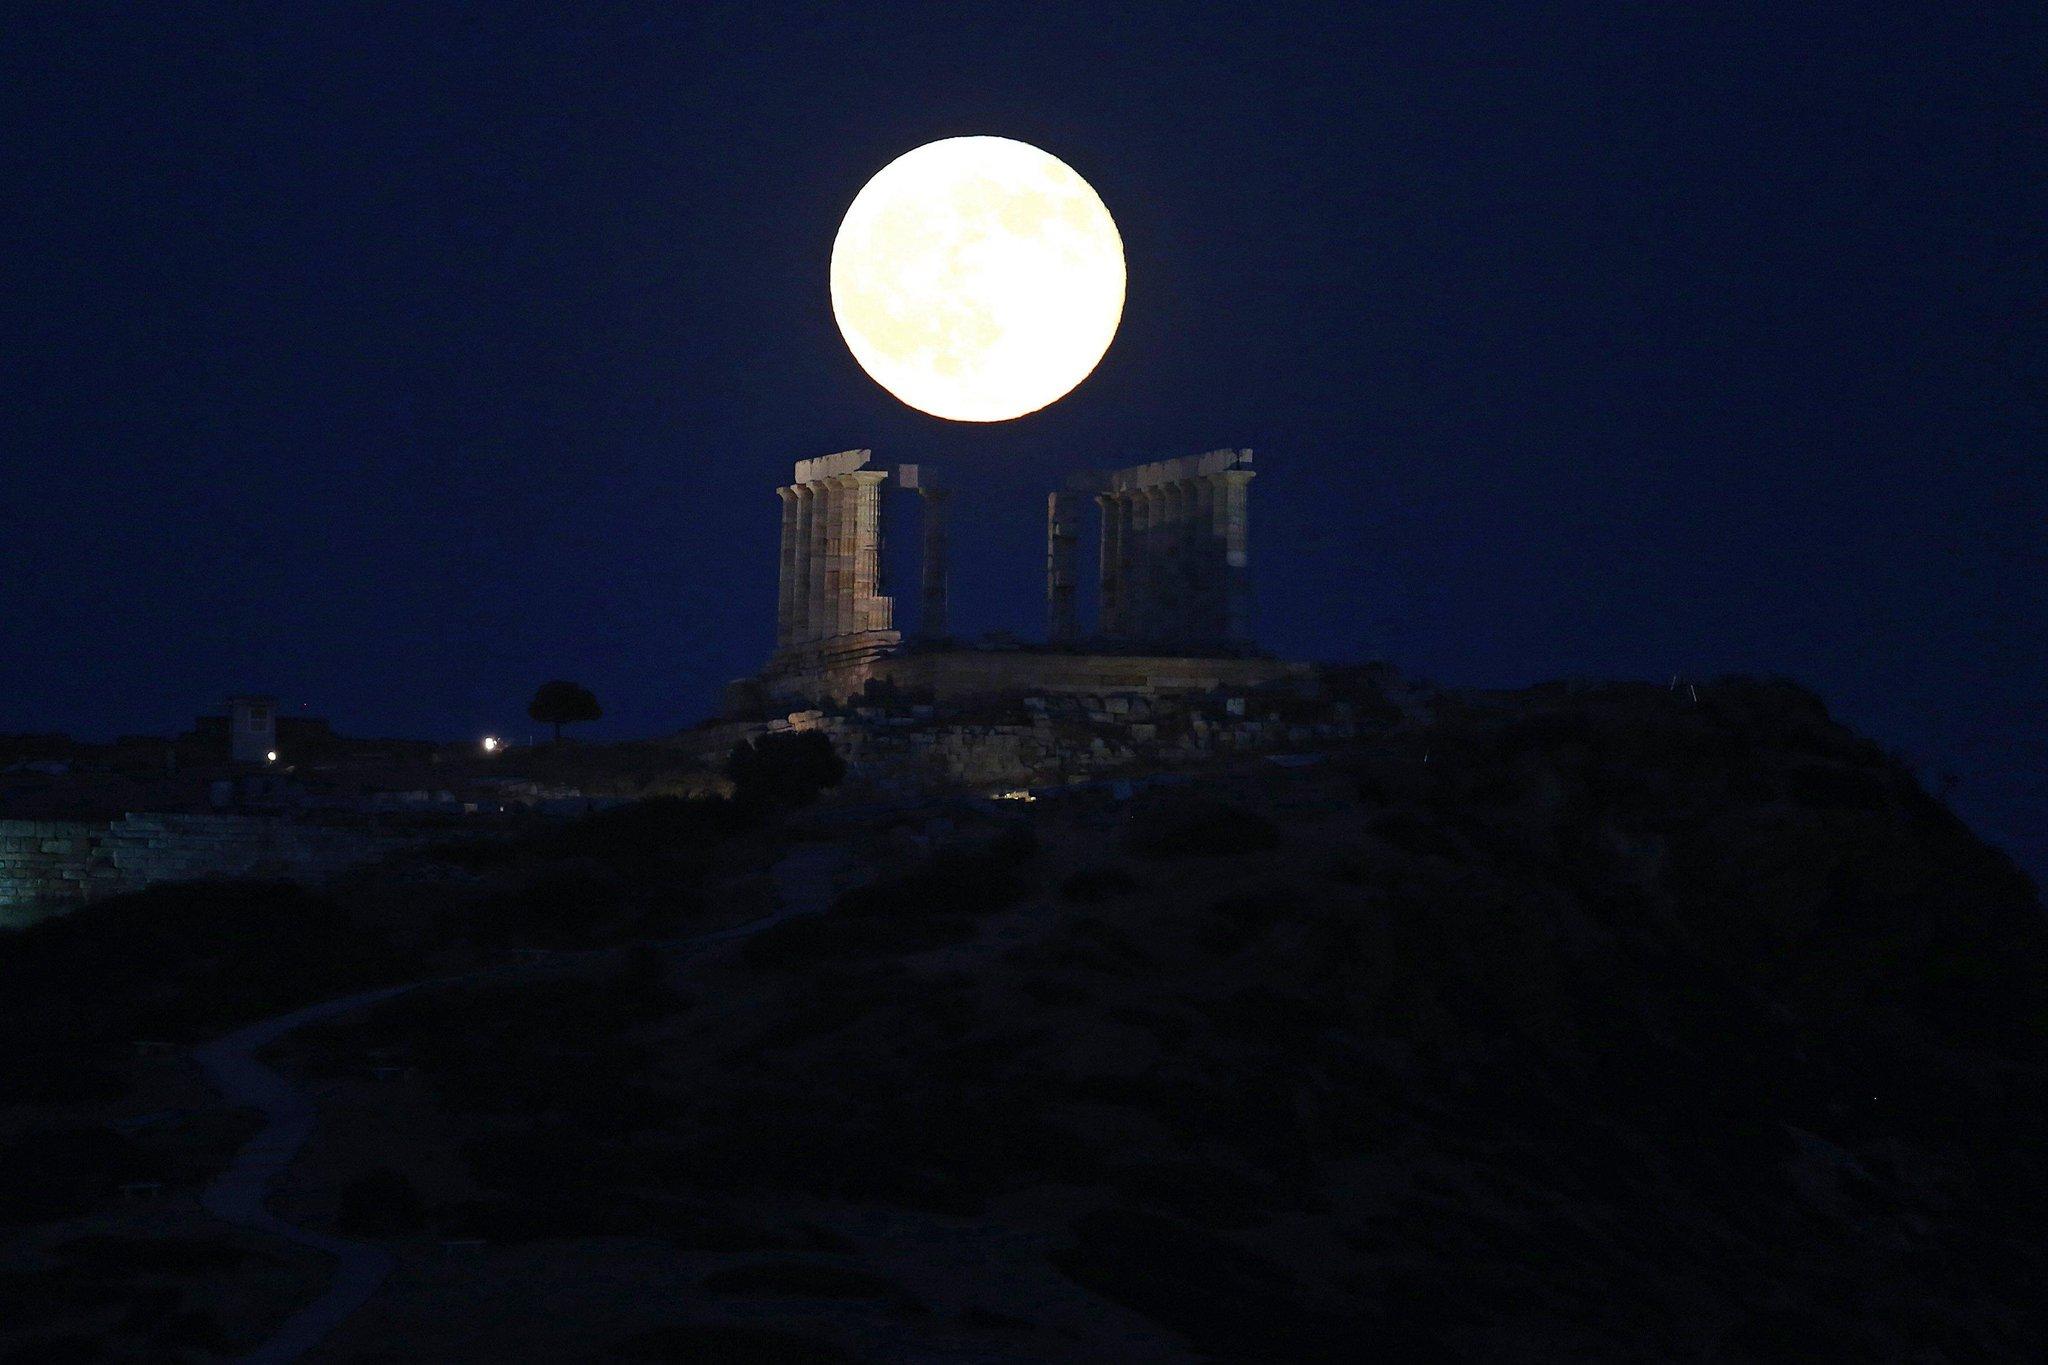 La luna llena se levanta sobre el antiguo templo de Poseidón, en el cabo Sounio, Grecia